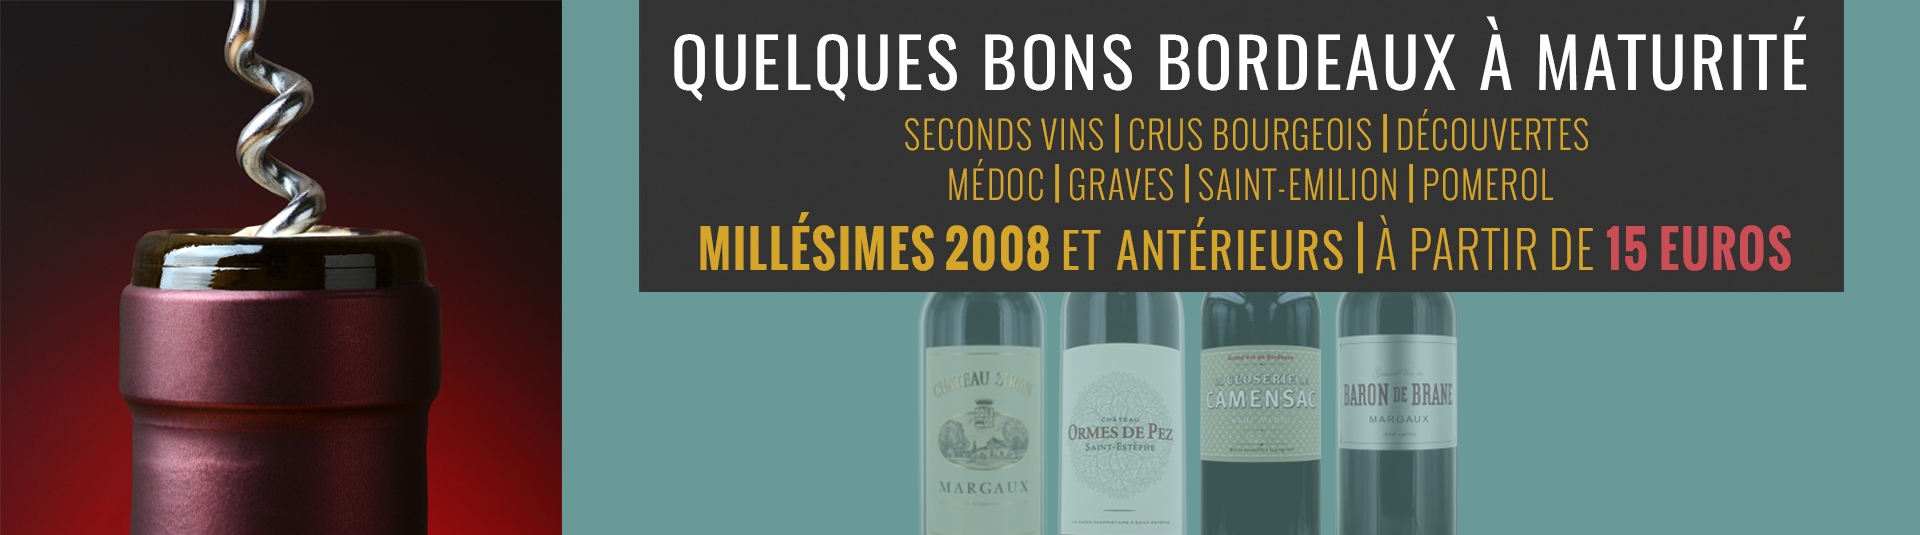 Bons Bordeaux à maturité